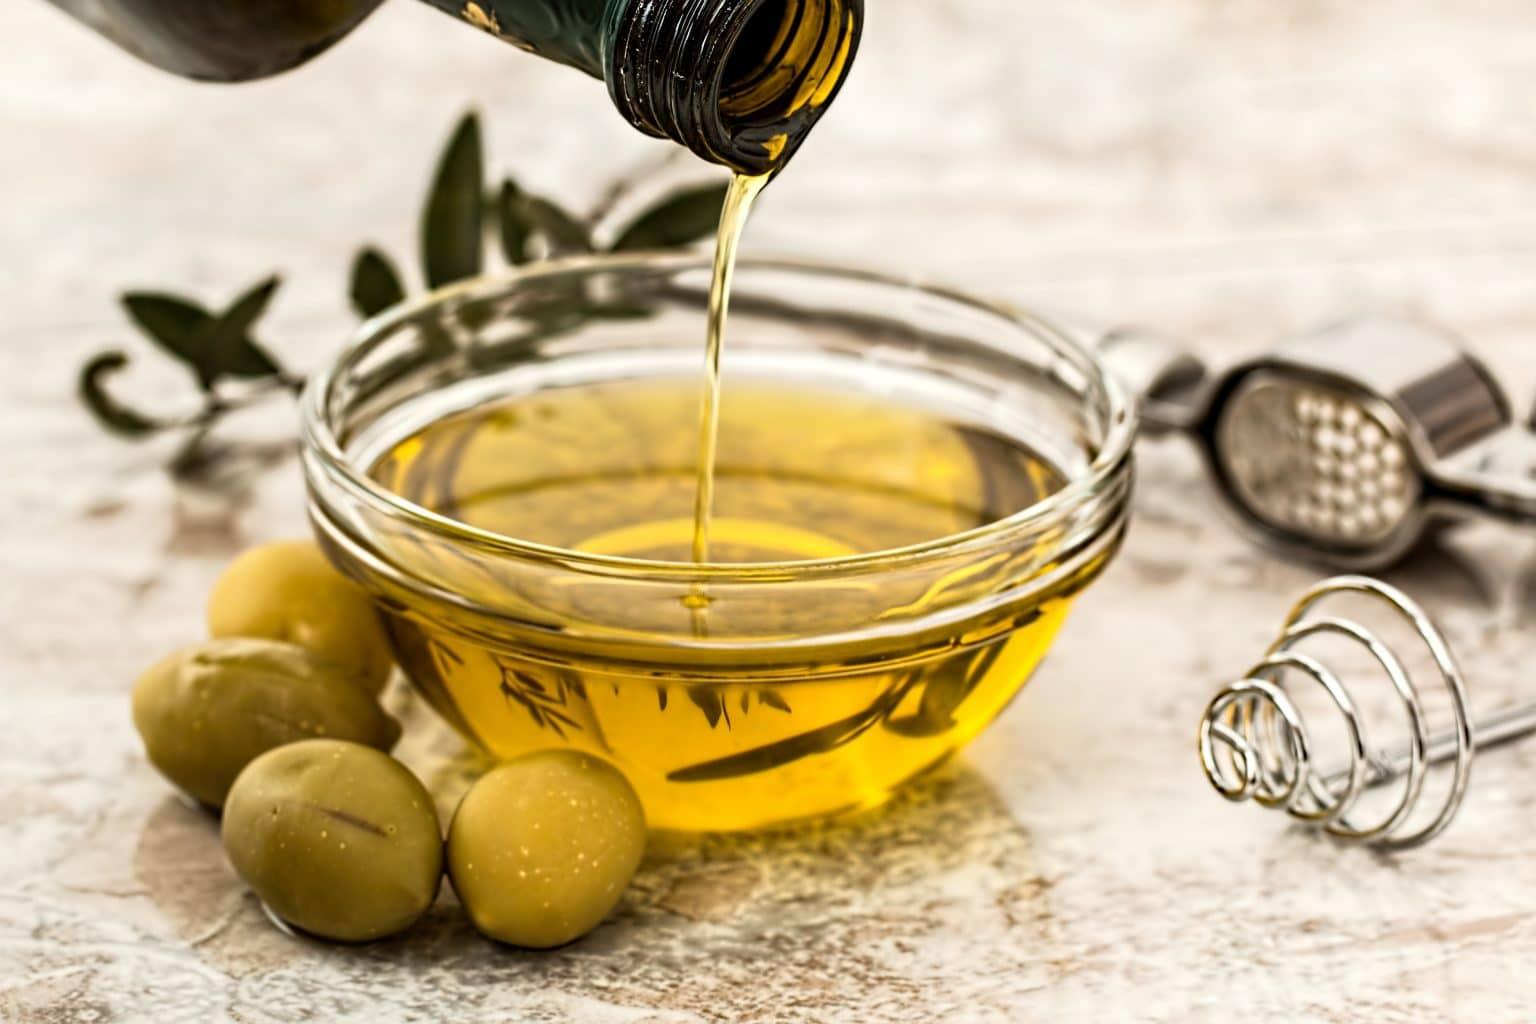 Olivenöl aus Flasche in eine Glasschale mit Oliven und Kräutern und Knoblauchpresse